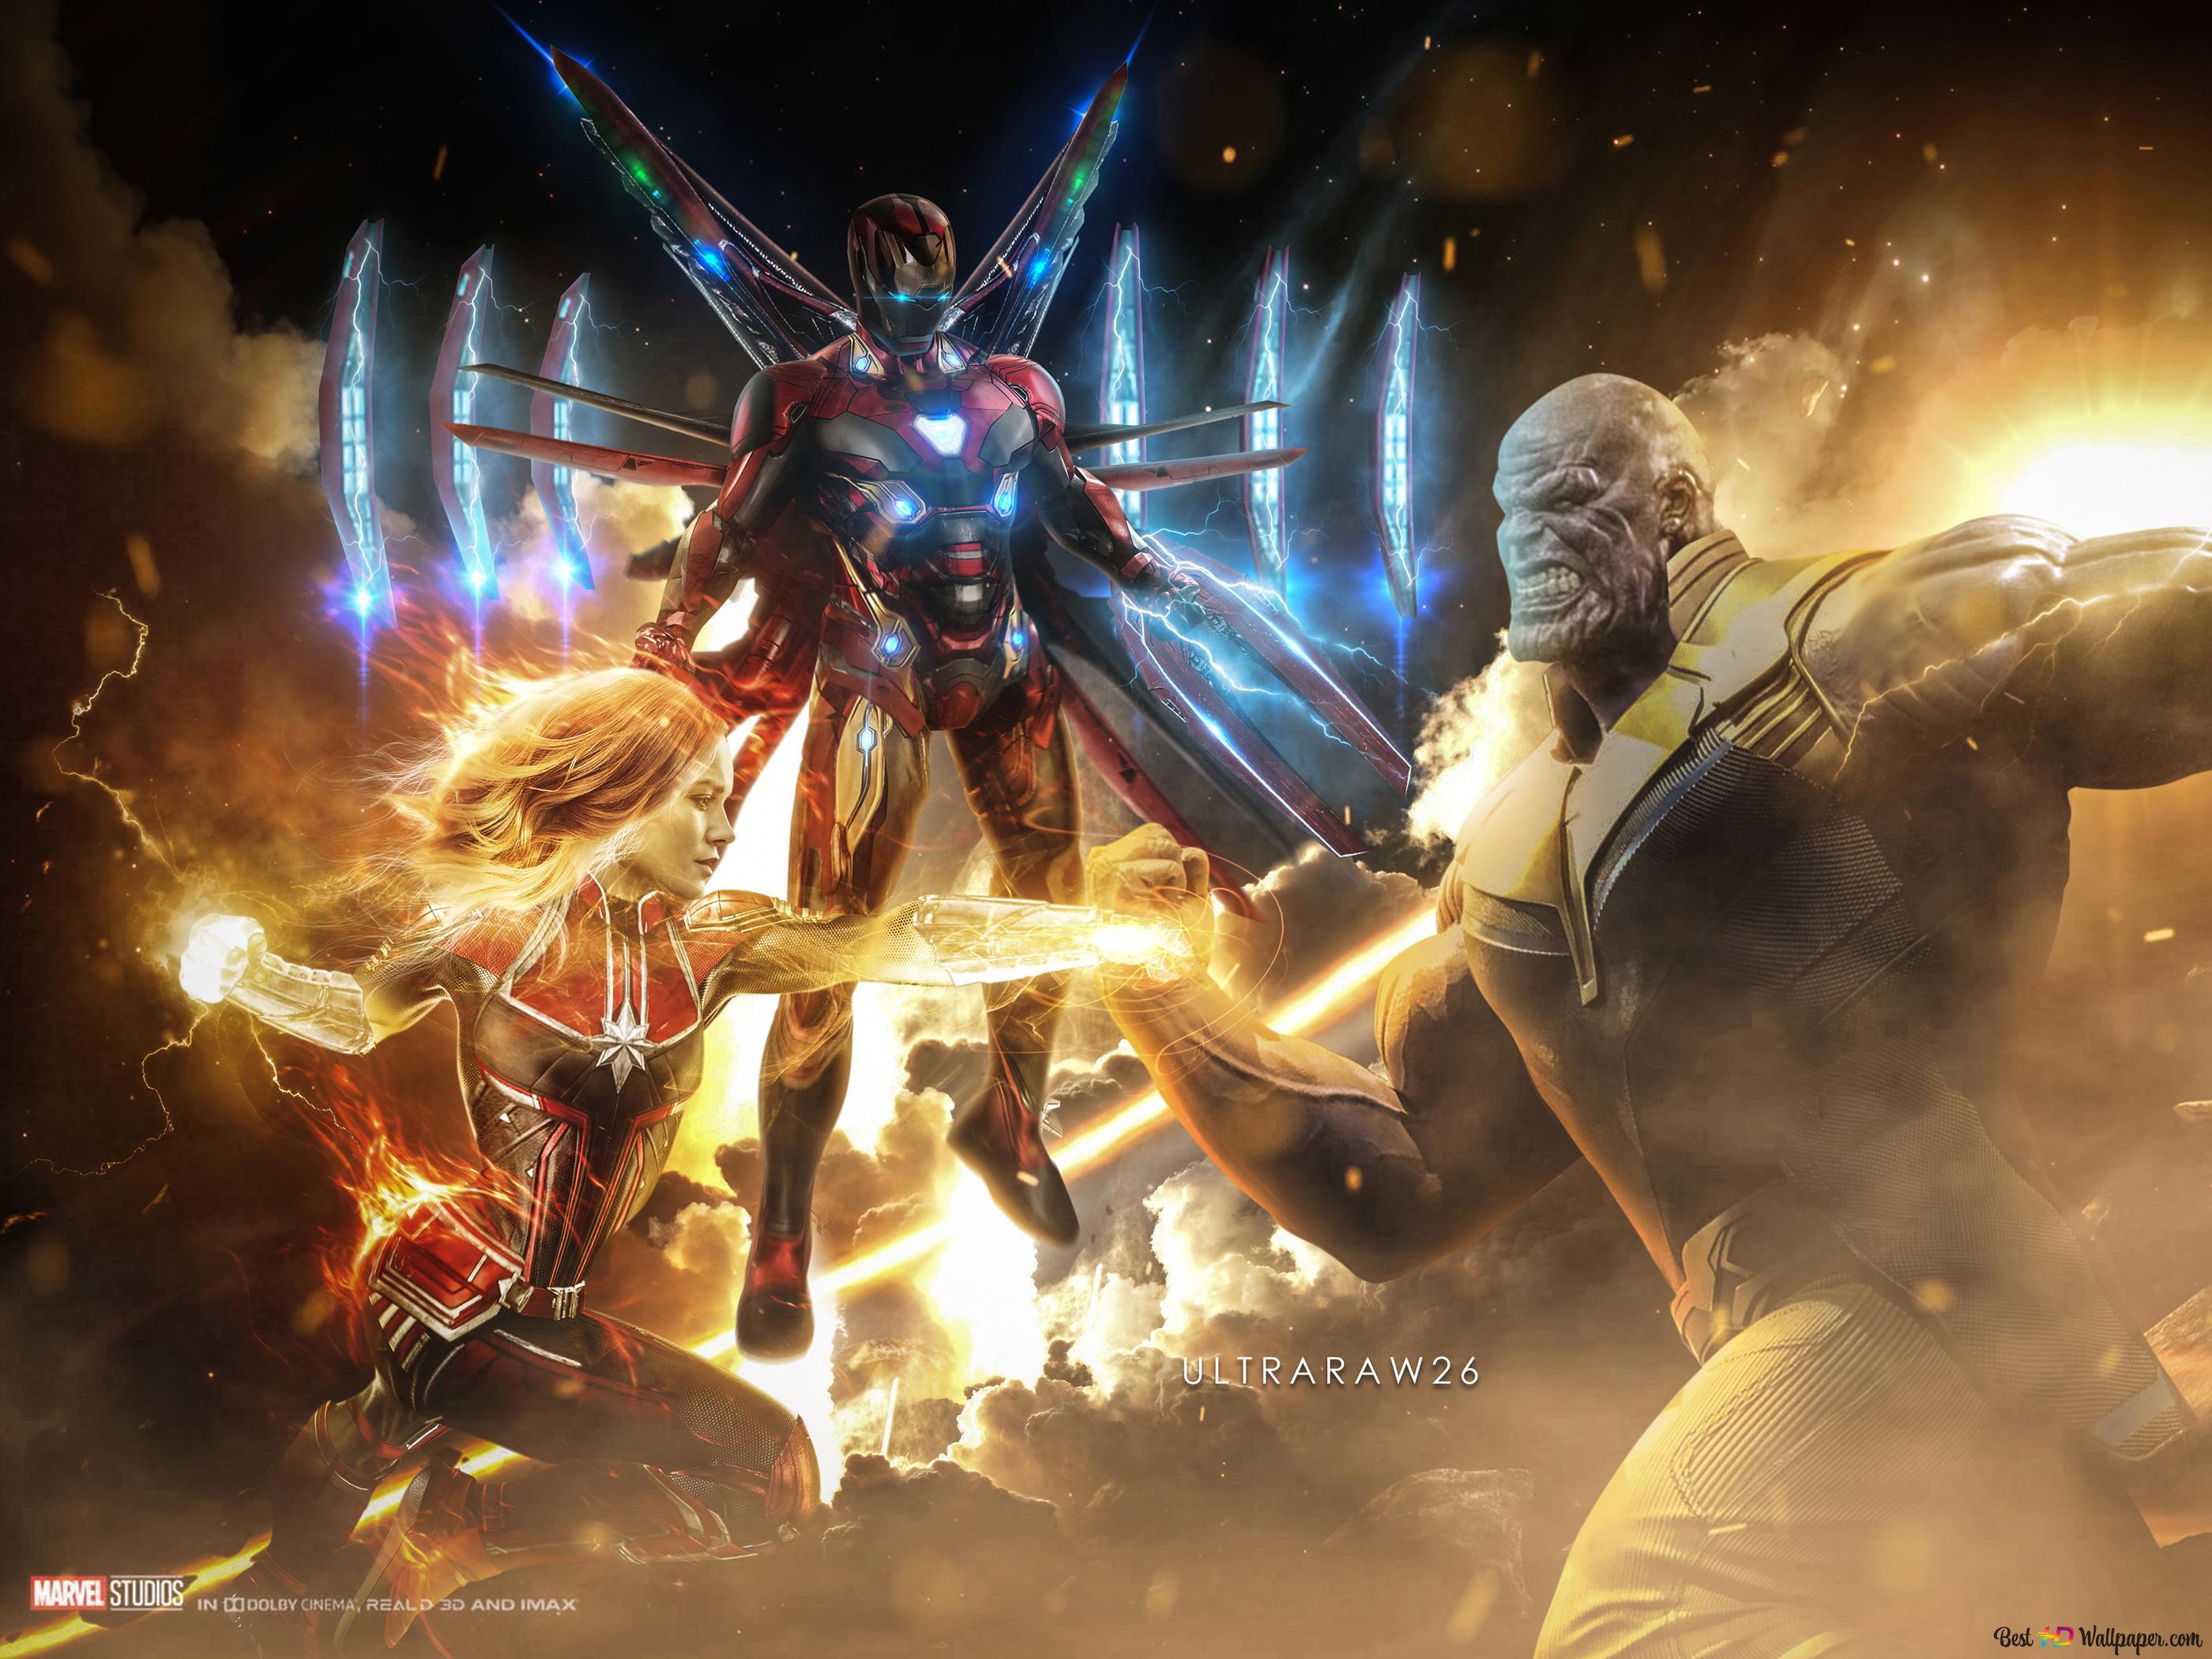 エンドゲーム サノスアイアンマンとキャプテンマーベル対 Hd壁紙の